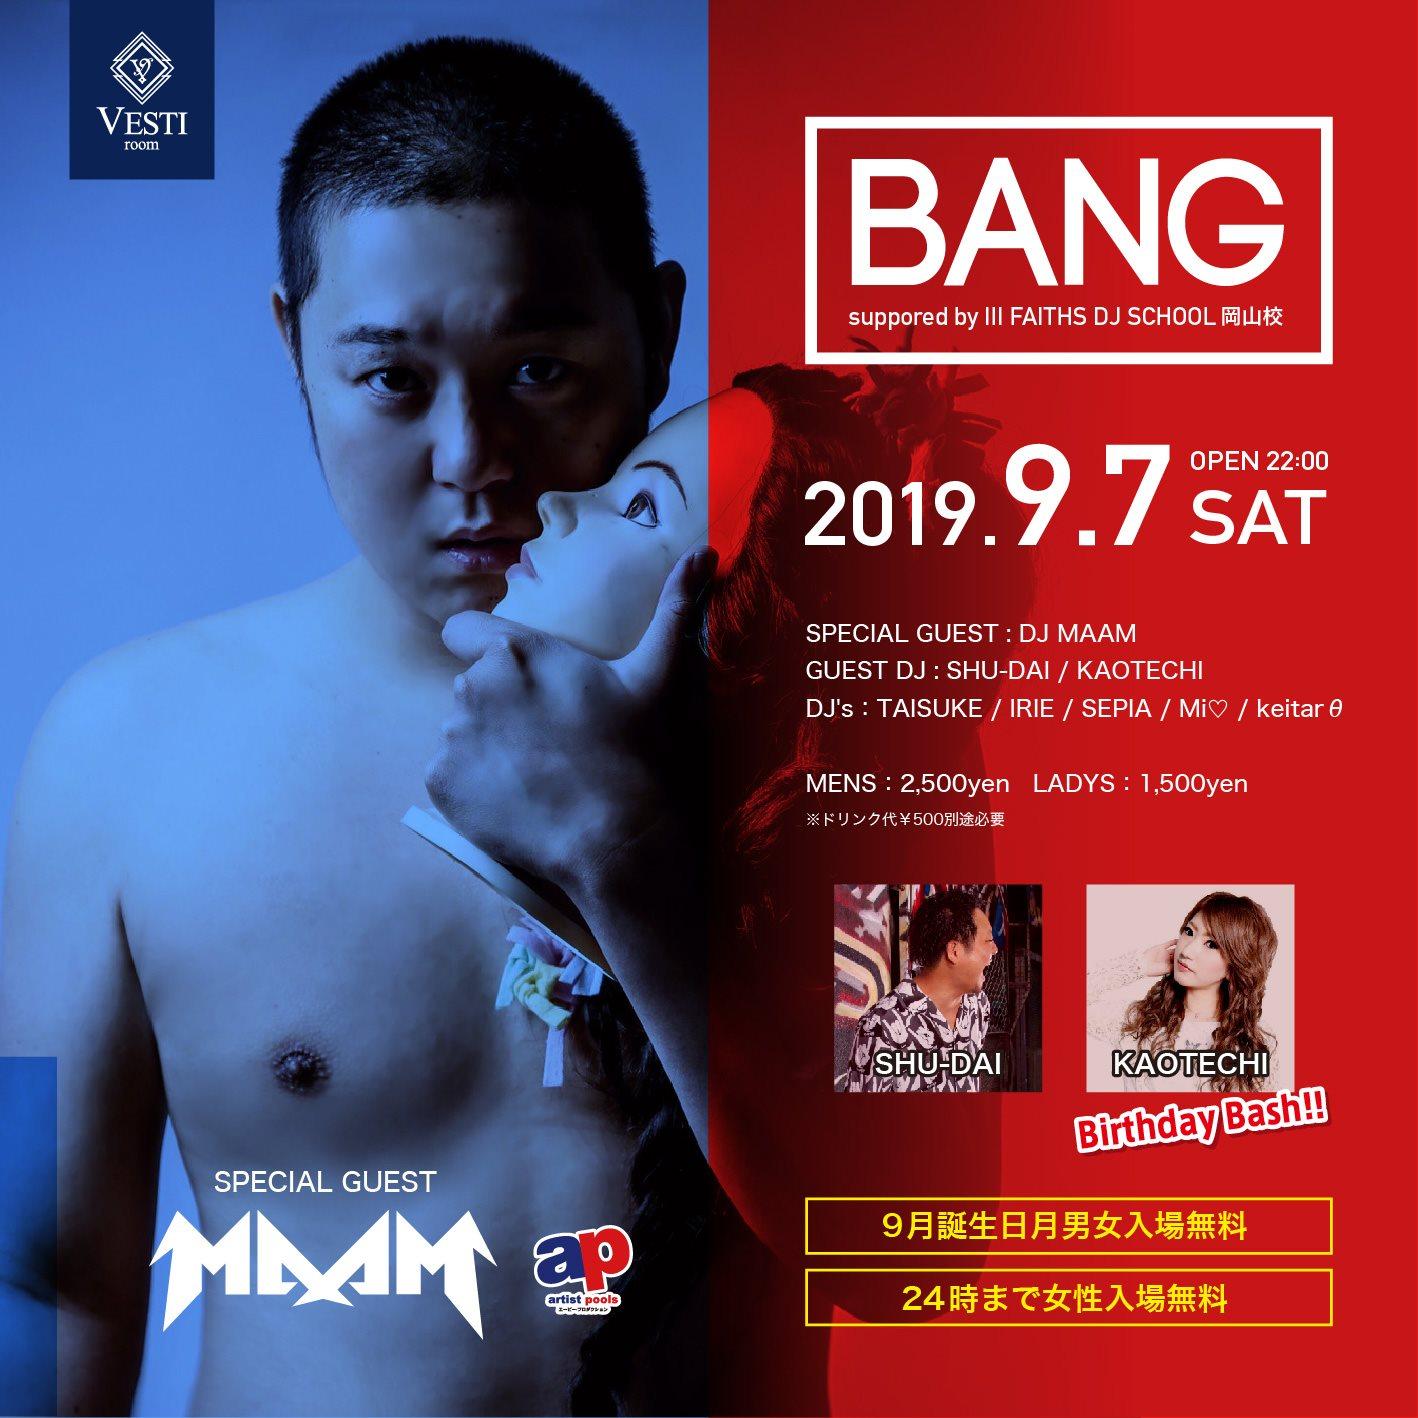 BANG ~feat DJ MAAM~